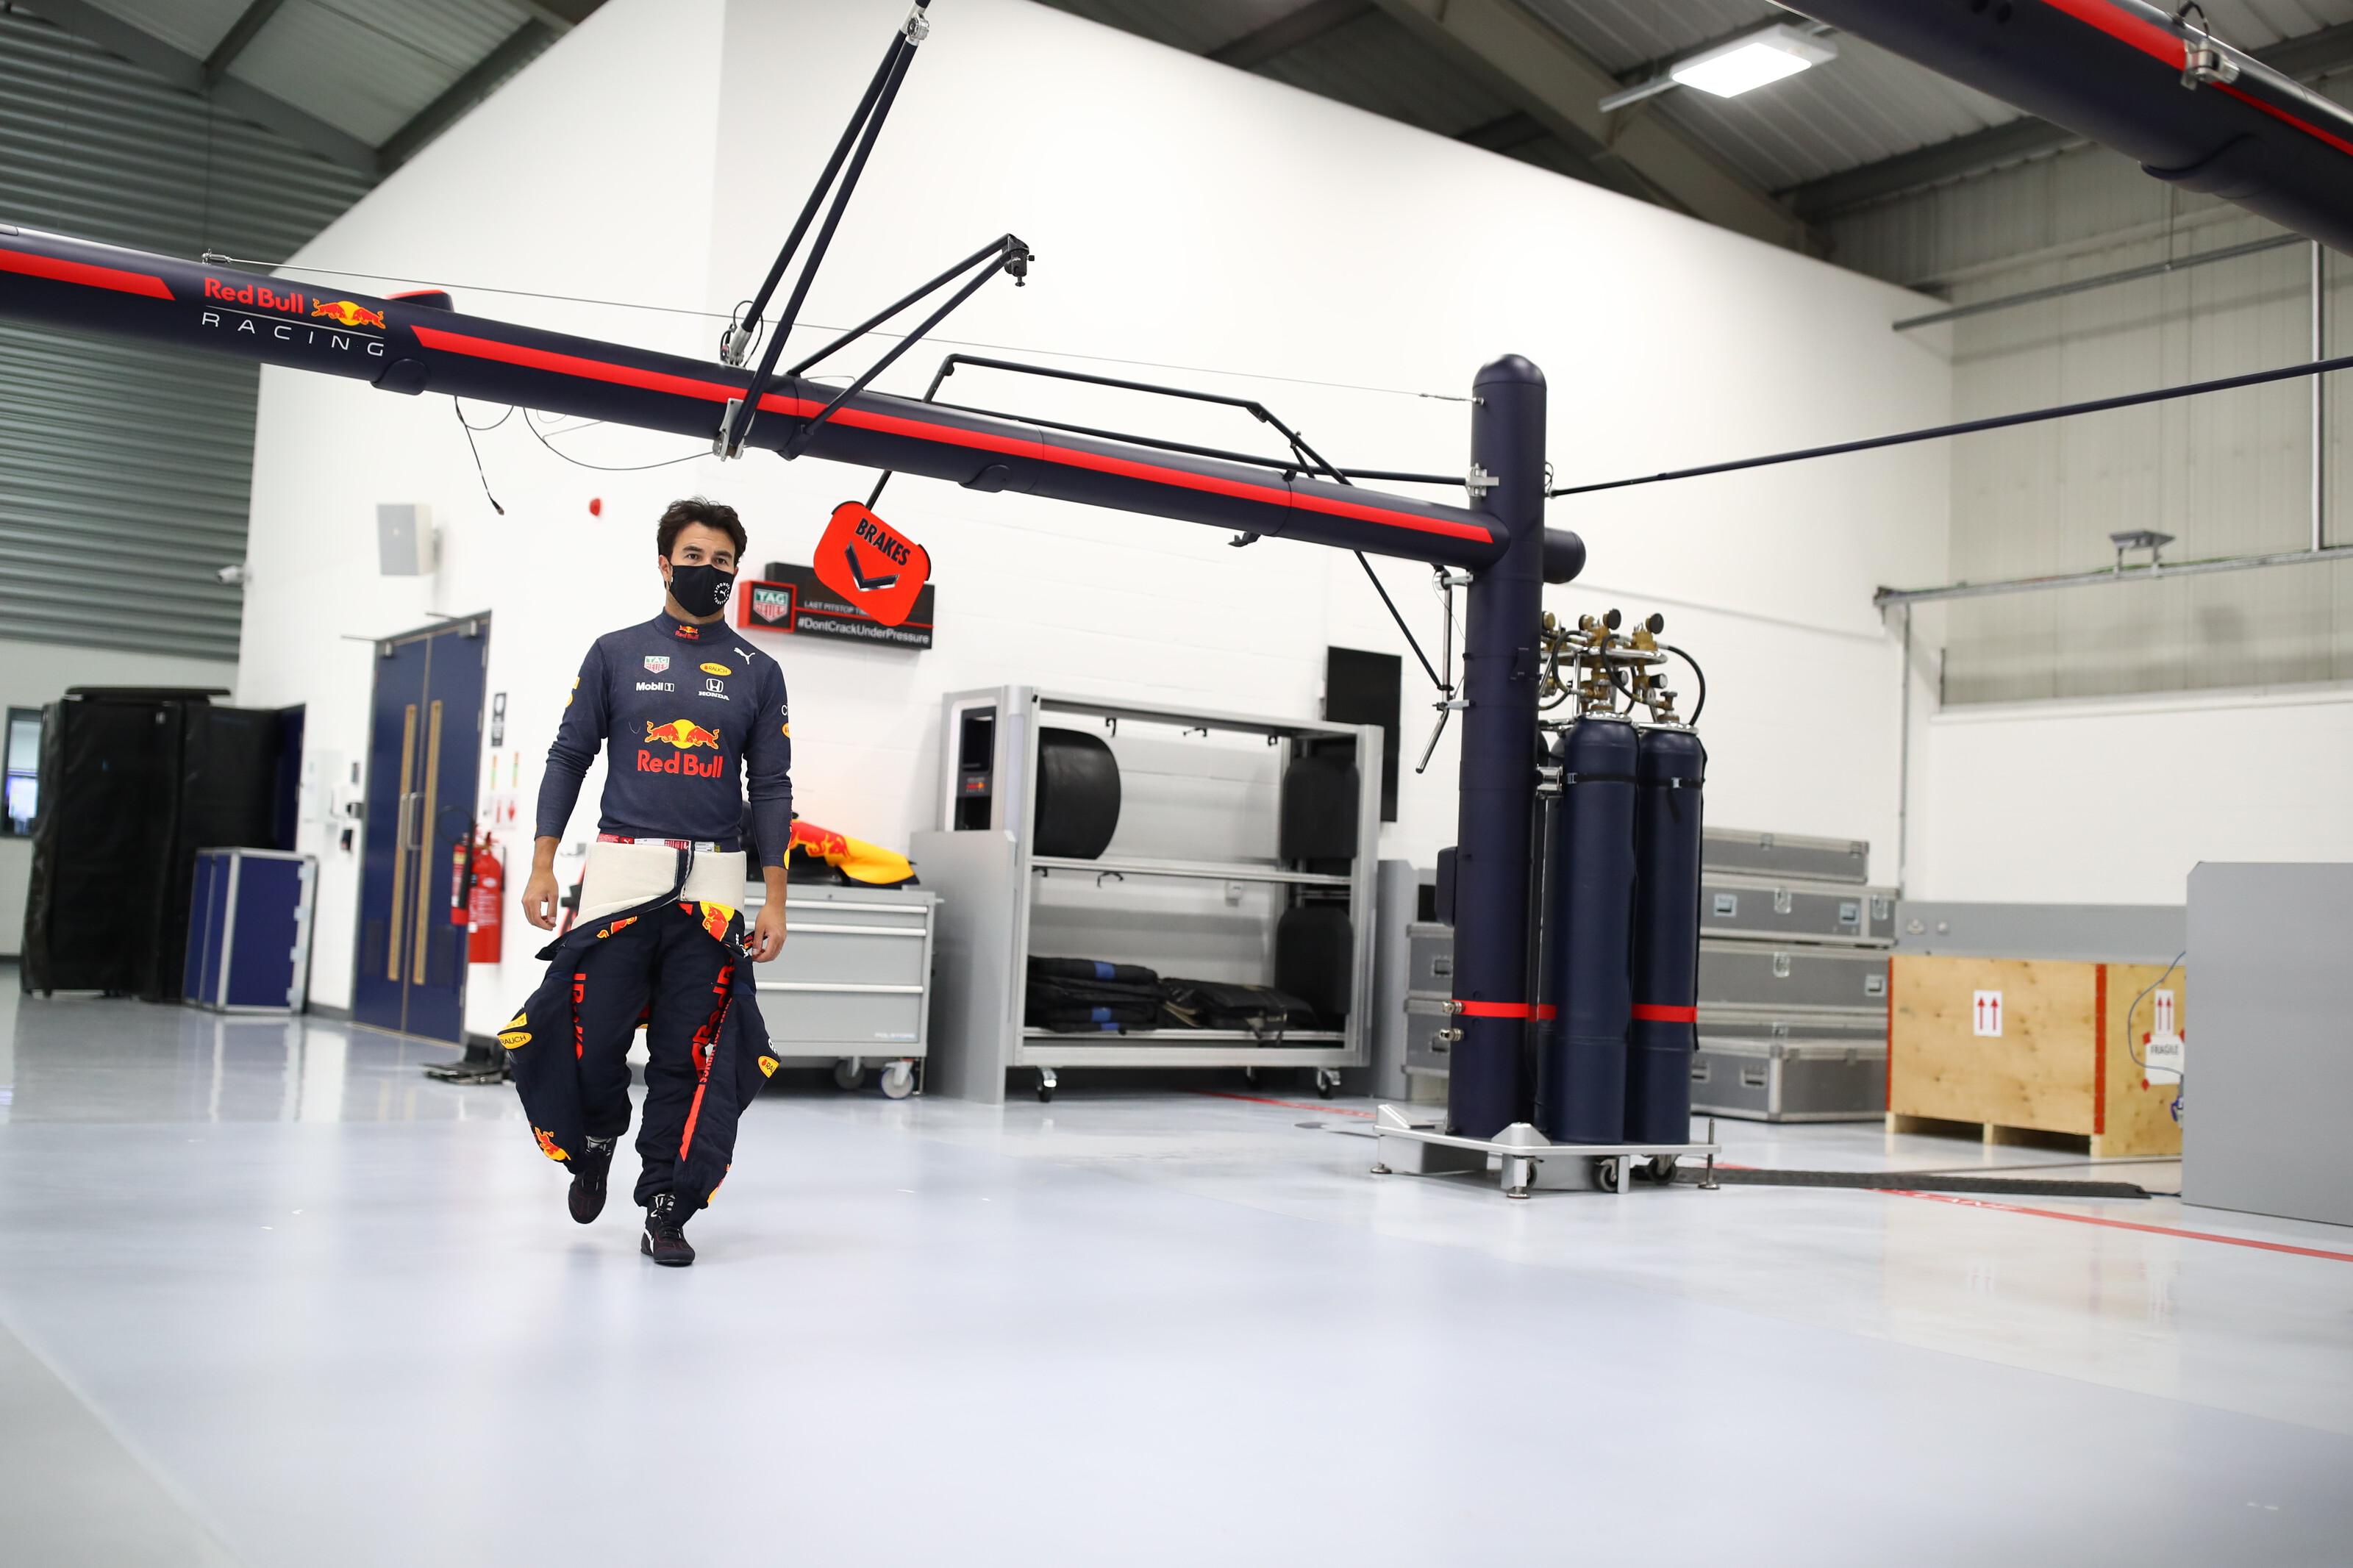 セルジオ・ペレス、レッドブル・ホンダF1のドライバーとして始動②